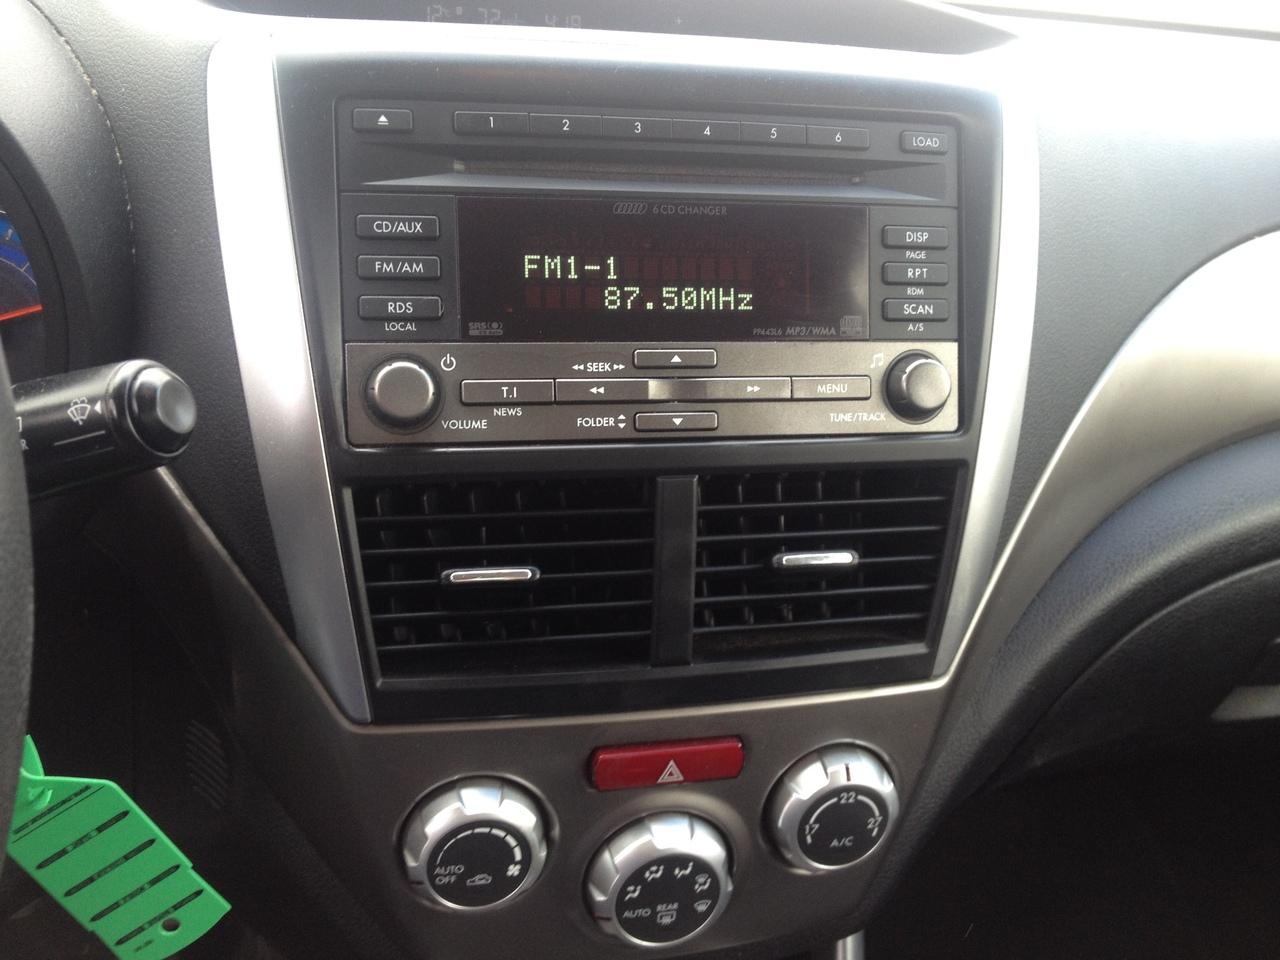 Subaru Forester 2.0 diesel 2010